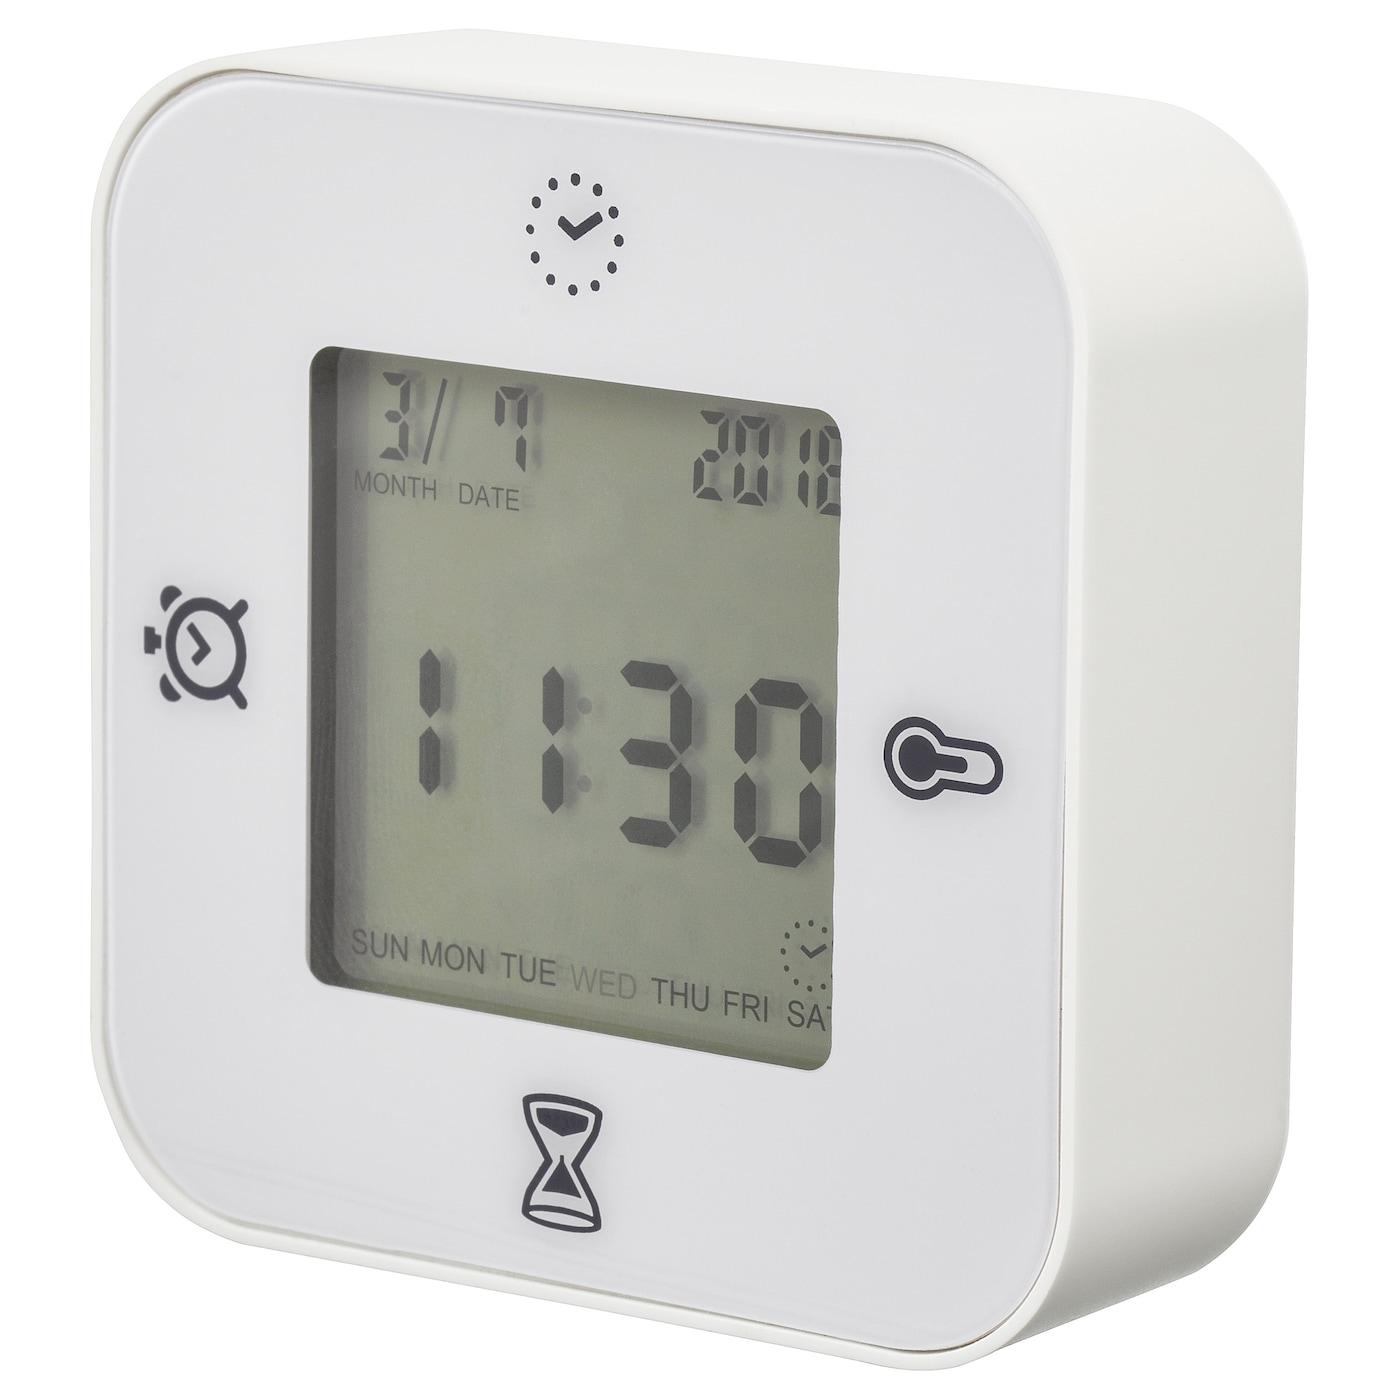 KLOCKIS クロッキス 時計/温度計/アラーム/タイマー